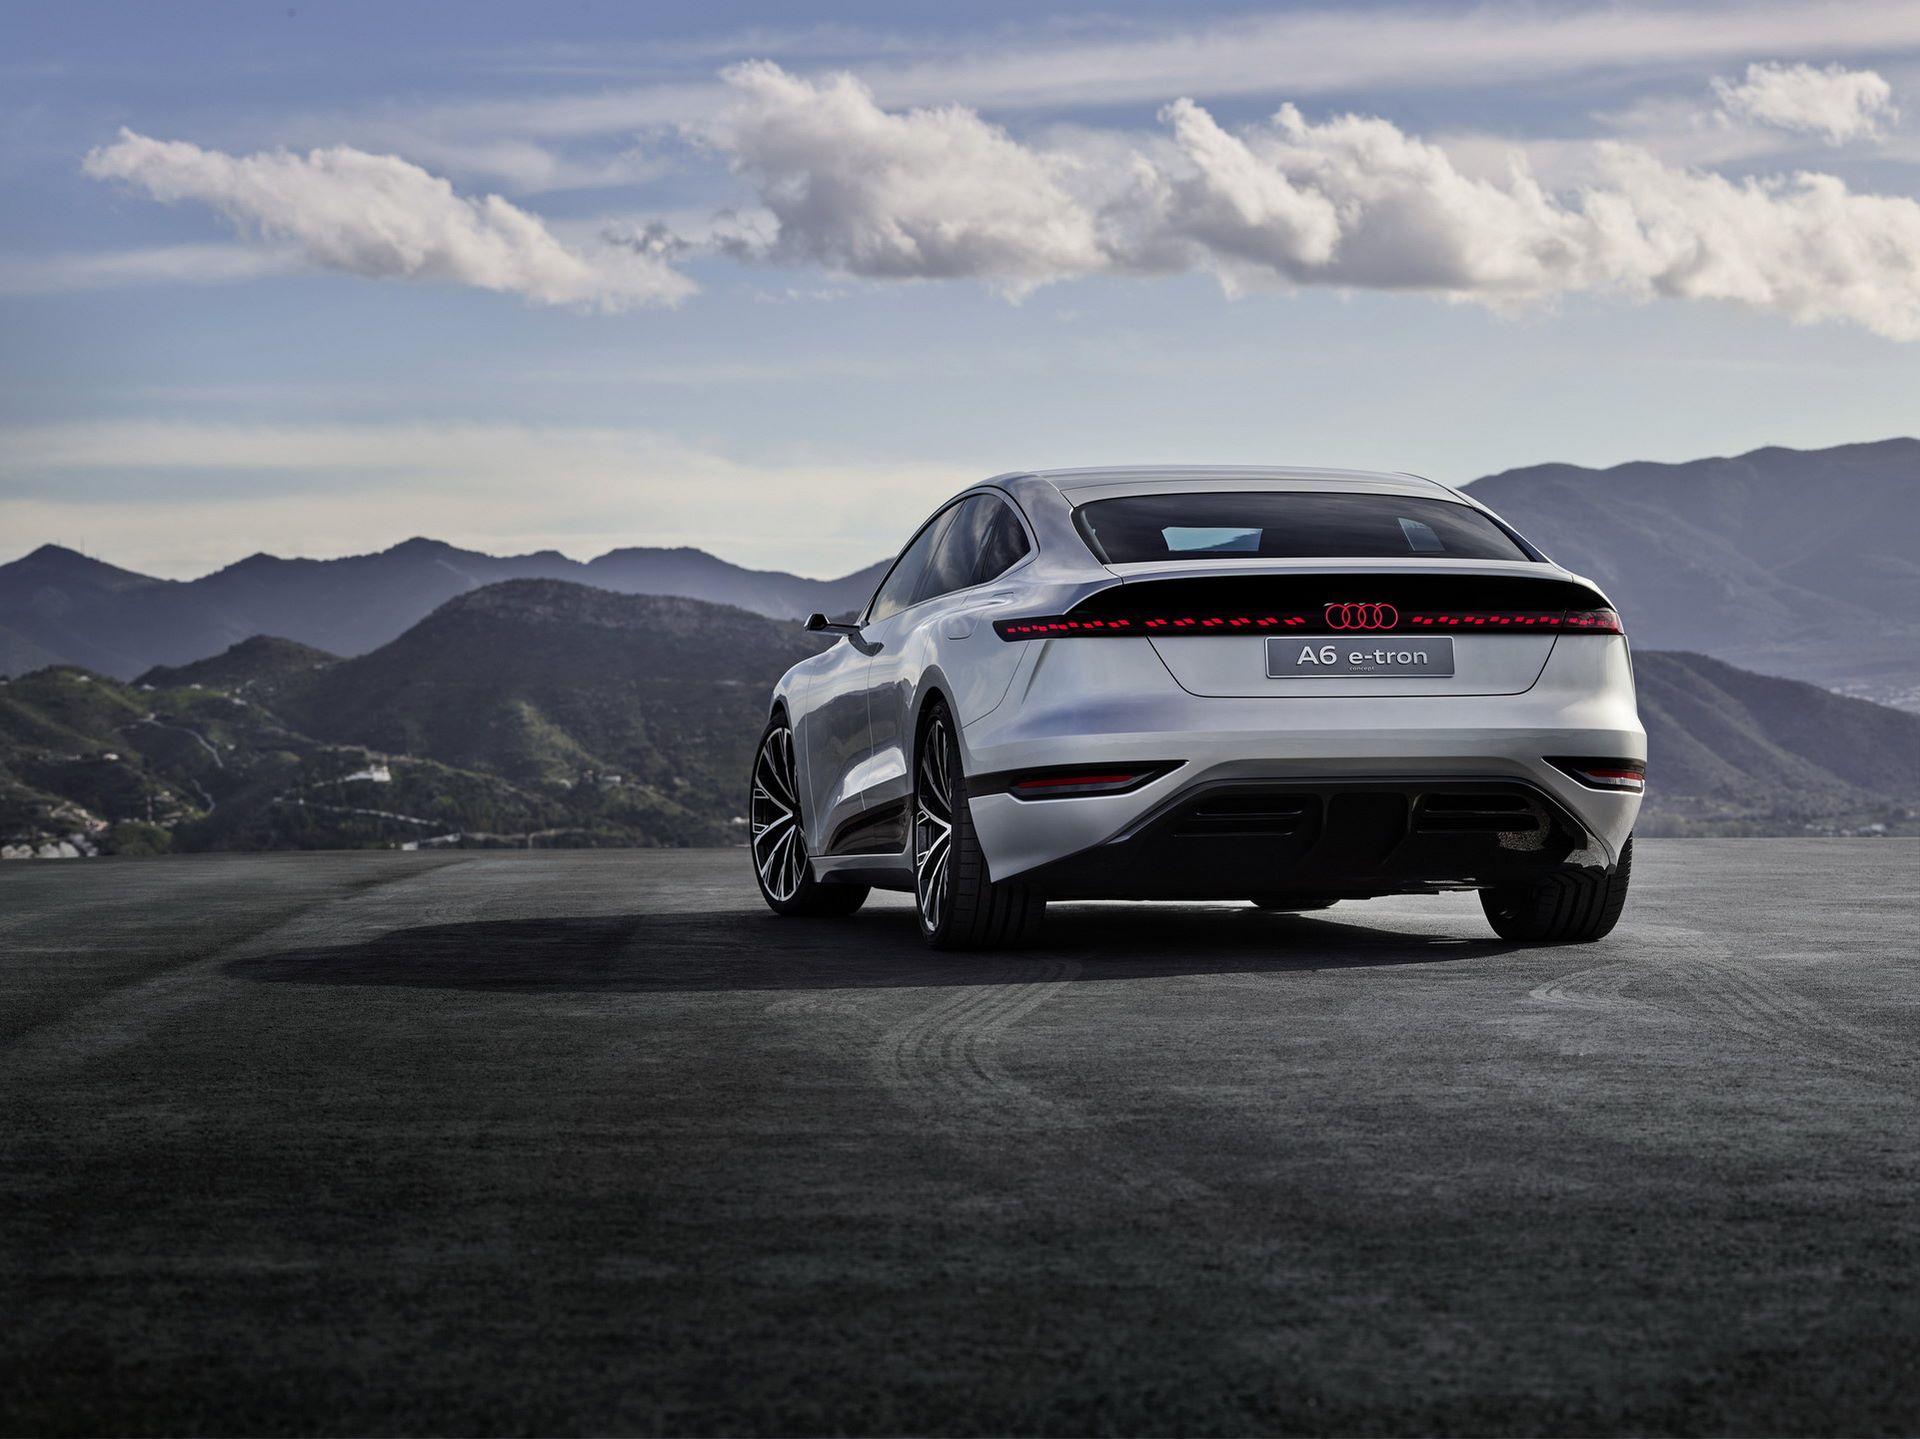 Audi-A6-e-tron-concept-10